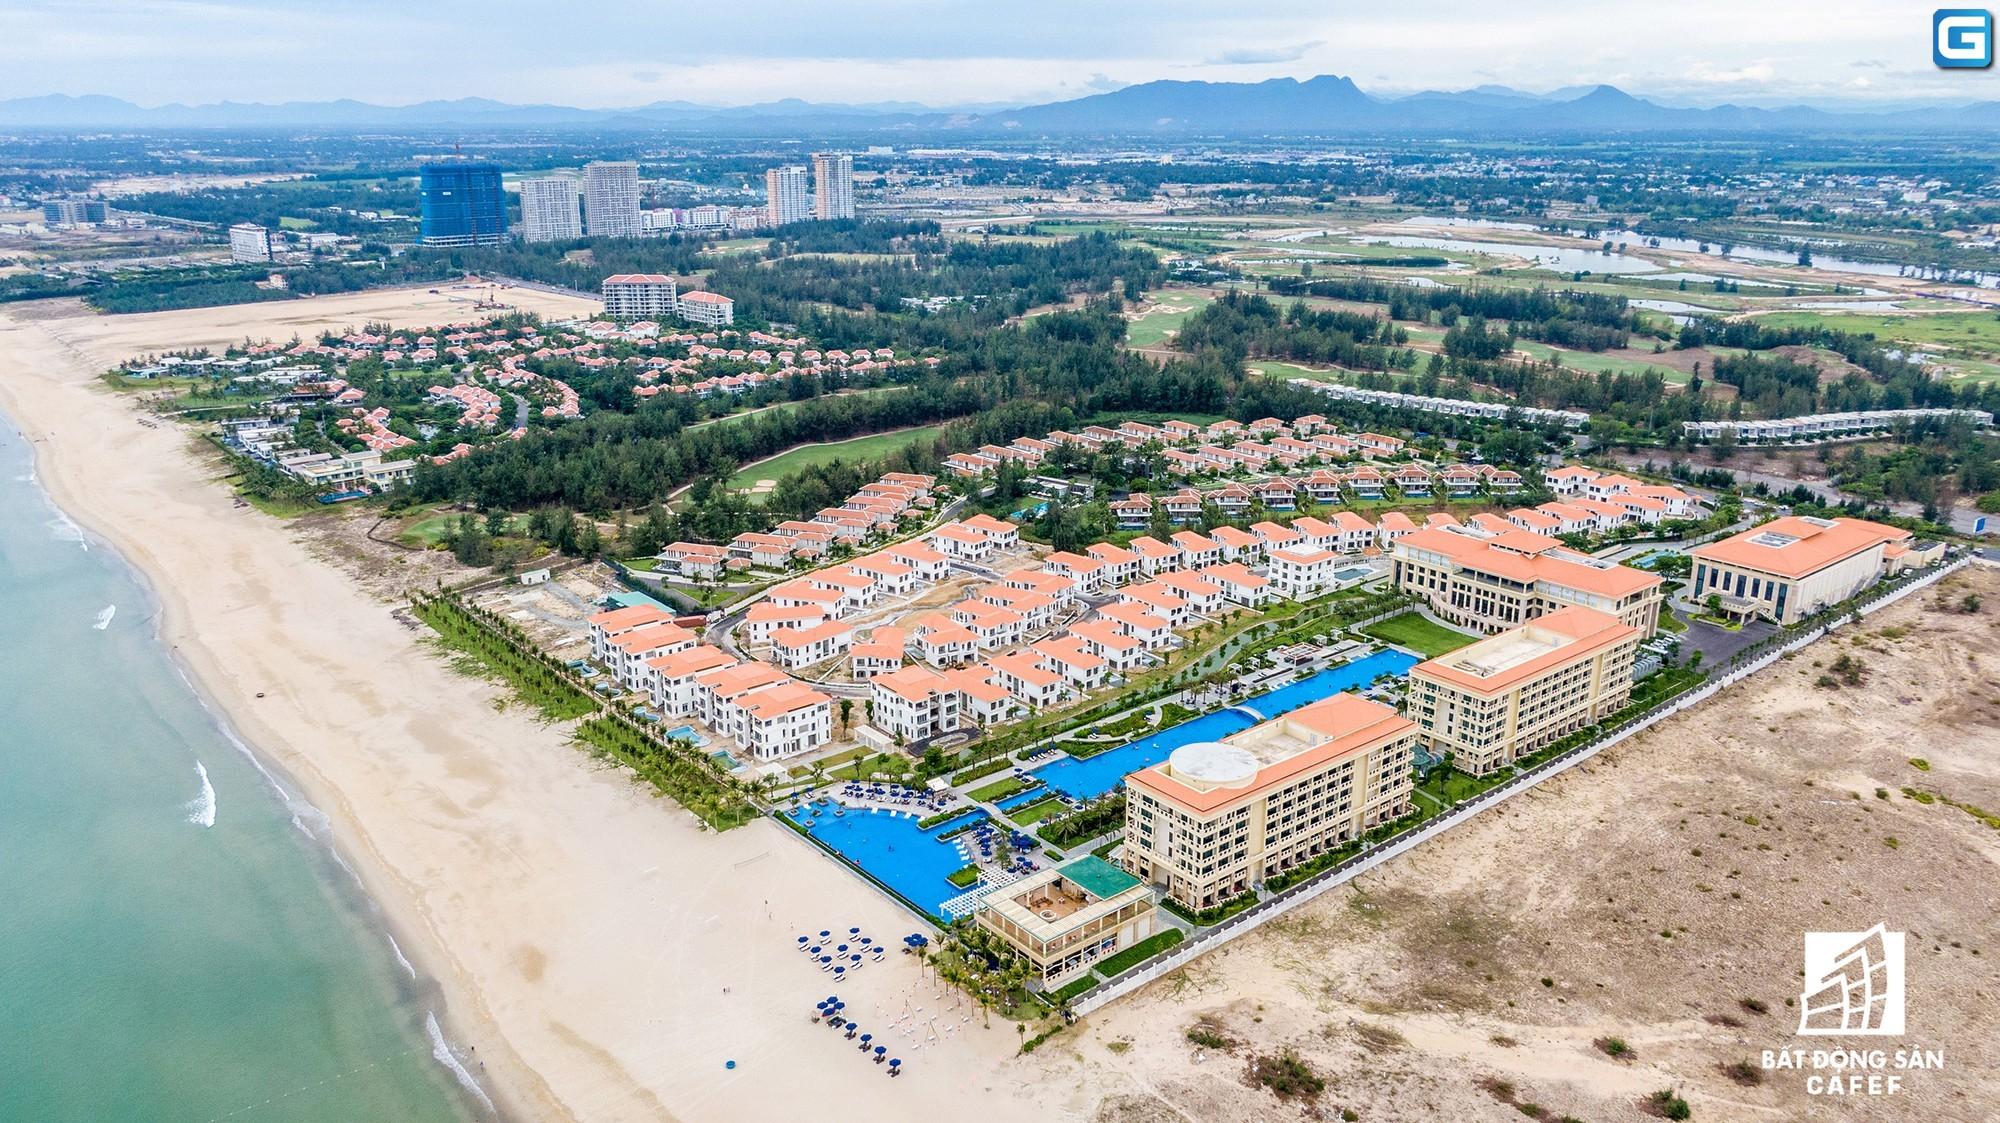 Biệt thự biển Đà nẵng - Đâu là yếu tố thu hút giới đầu tư?